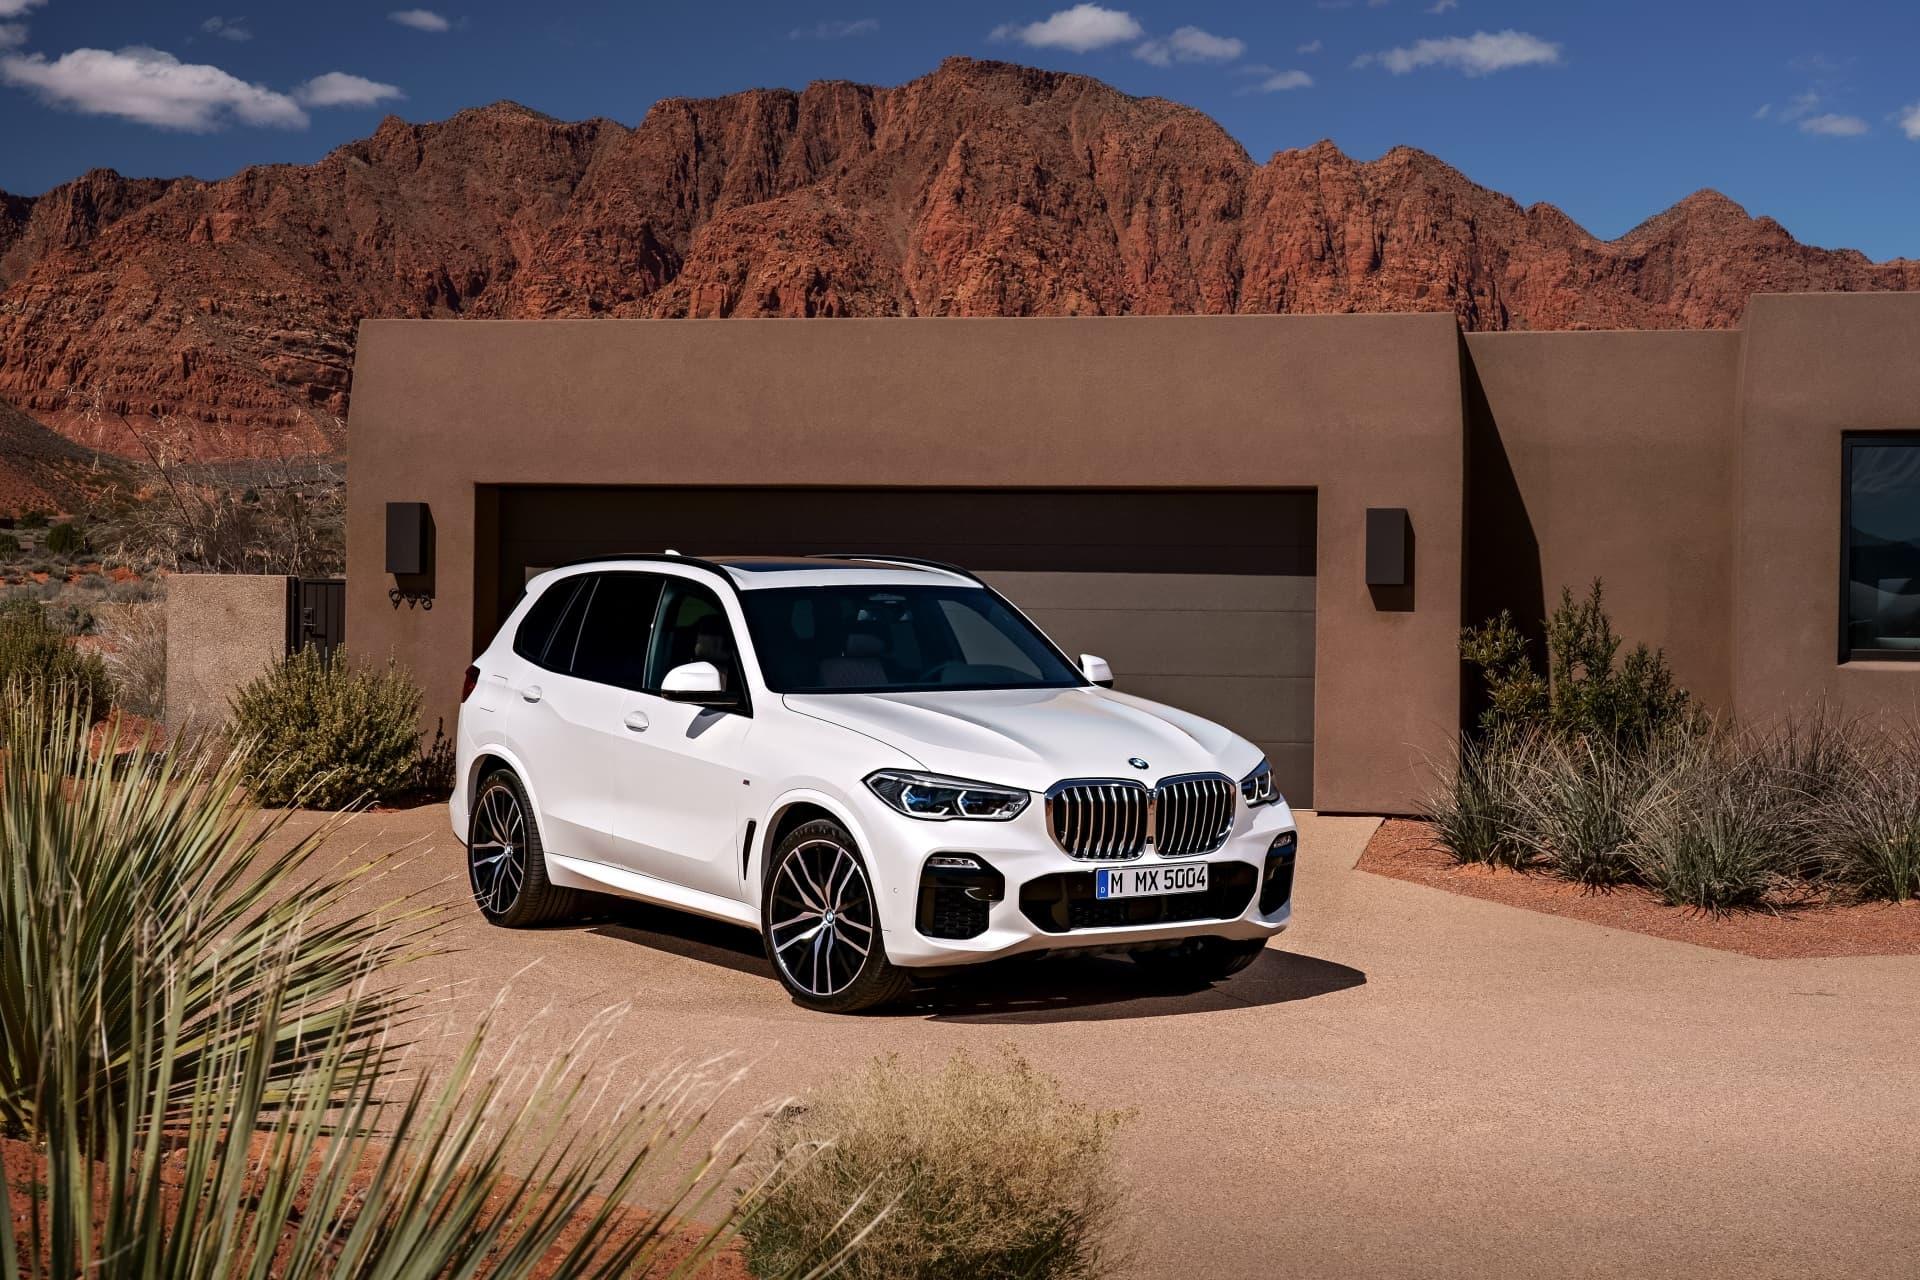 Next Gen BMW X5 Suv Interior